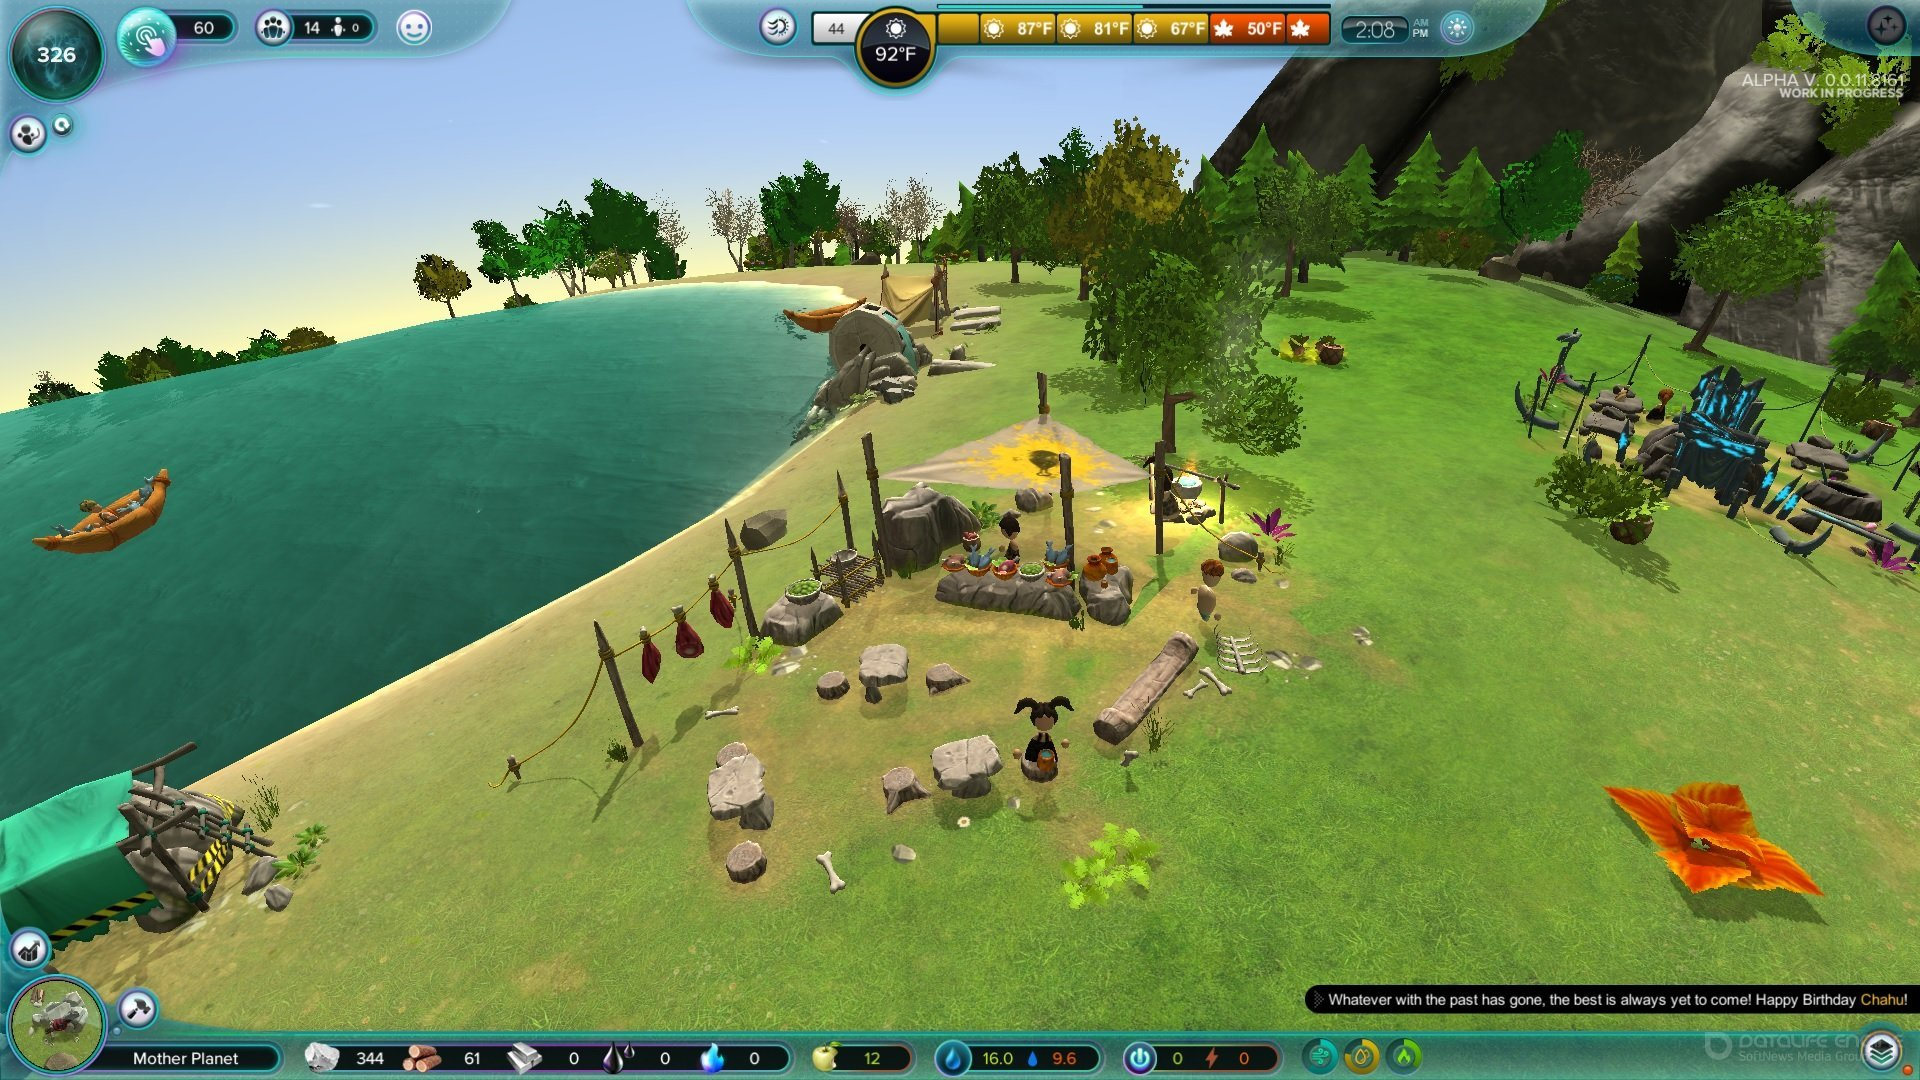 Скриншот к игре The Universim v.0.0.38.27611 [GOG] (Ранний доступ) скачать торрент Лицензия